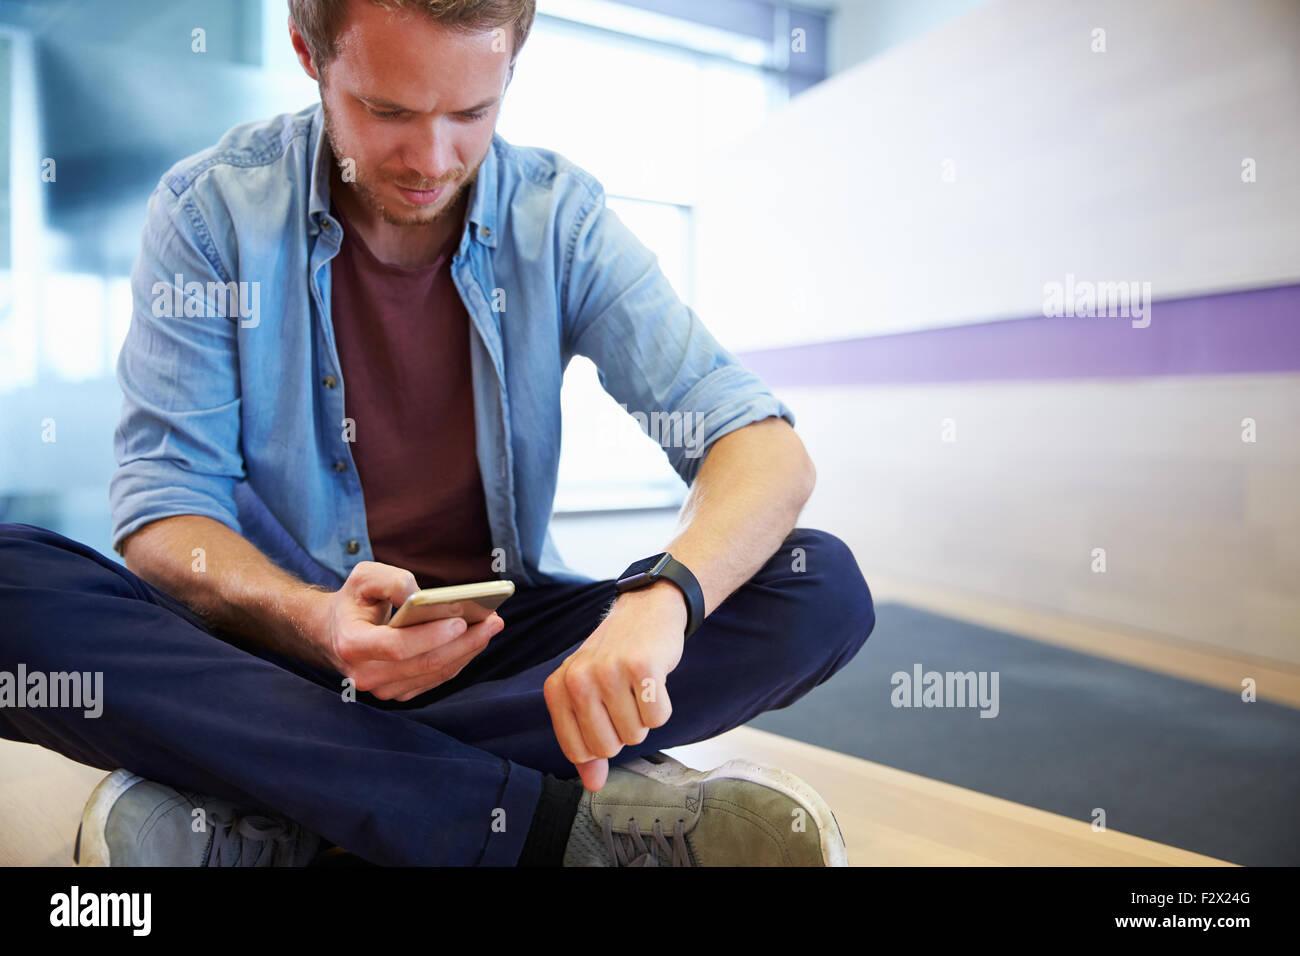 Leger gekleidet Mann mit Smartphone, Blick auf seine Uhr Stockbild